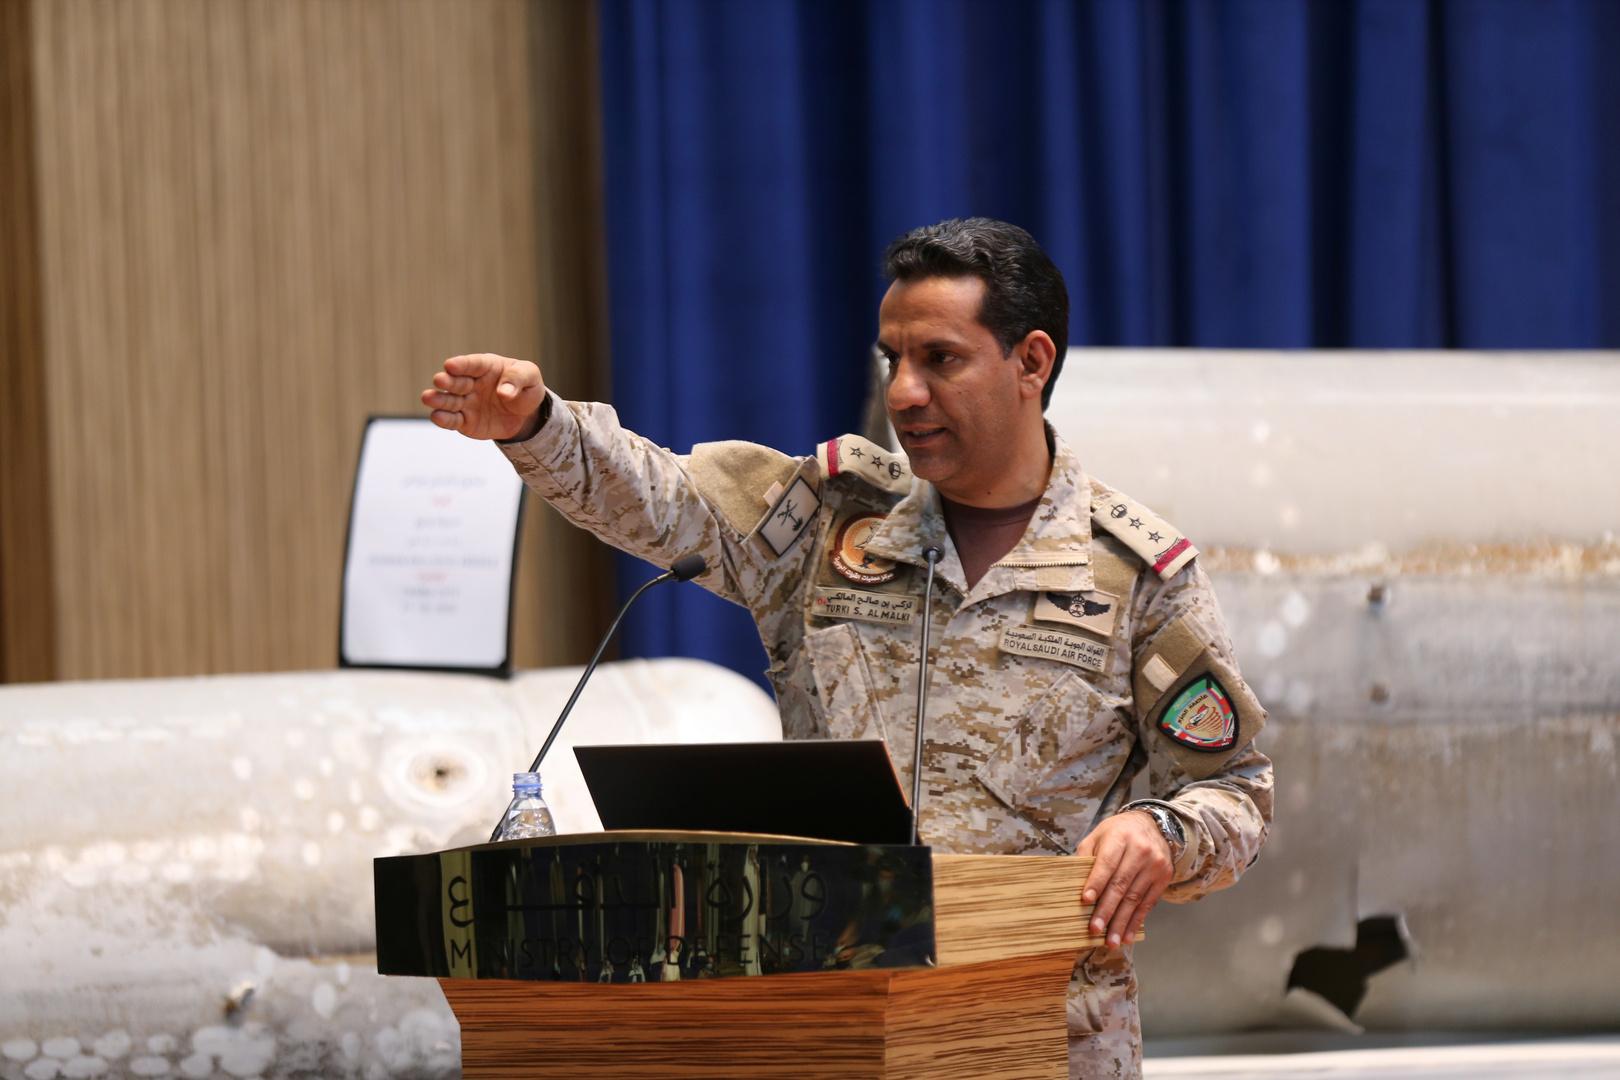 قوات التحالف تدمر 4 طائرات مسيرة مفخخة أطلقها الحوثيون باتجاه المملكة